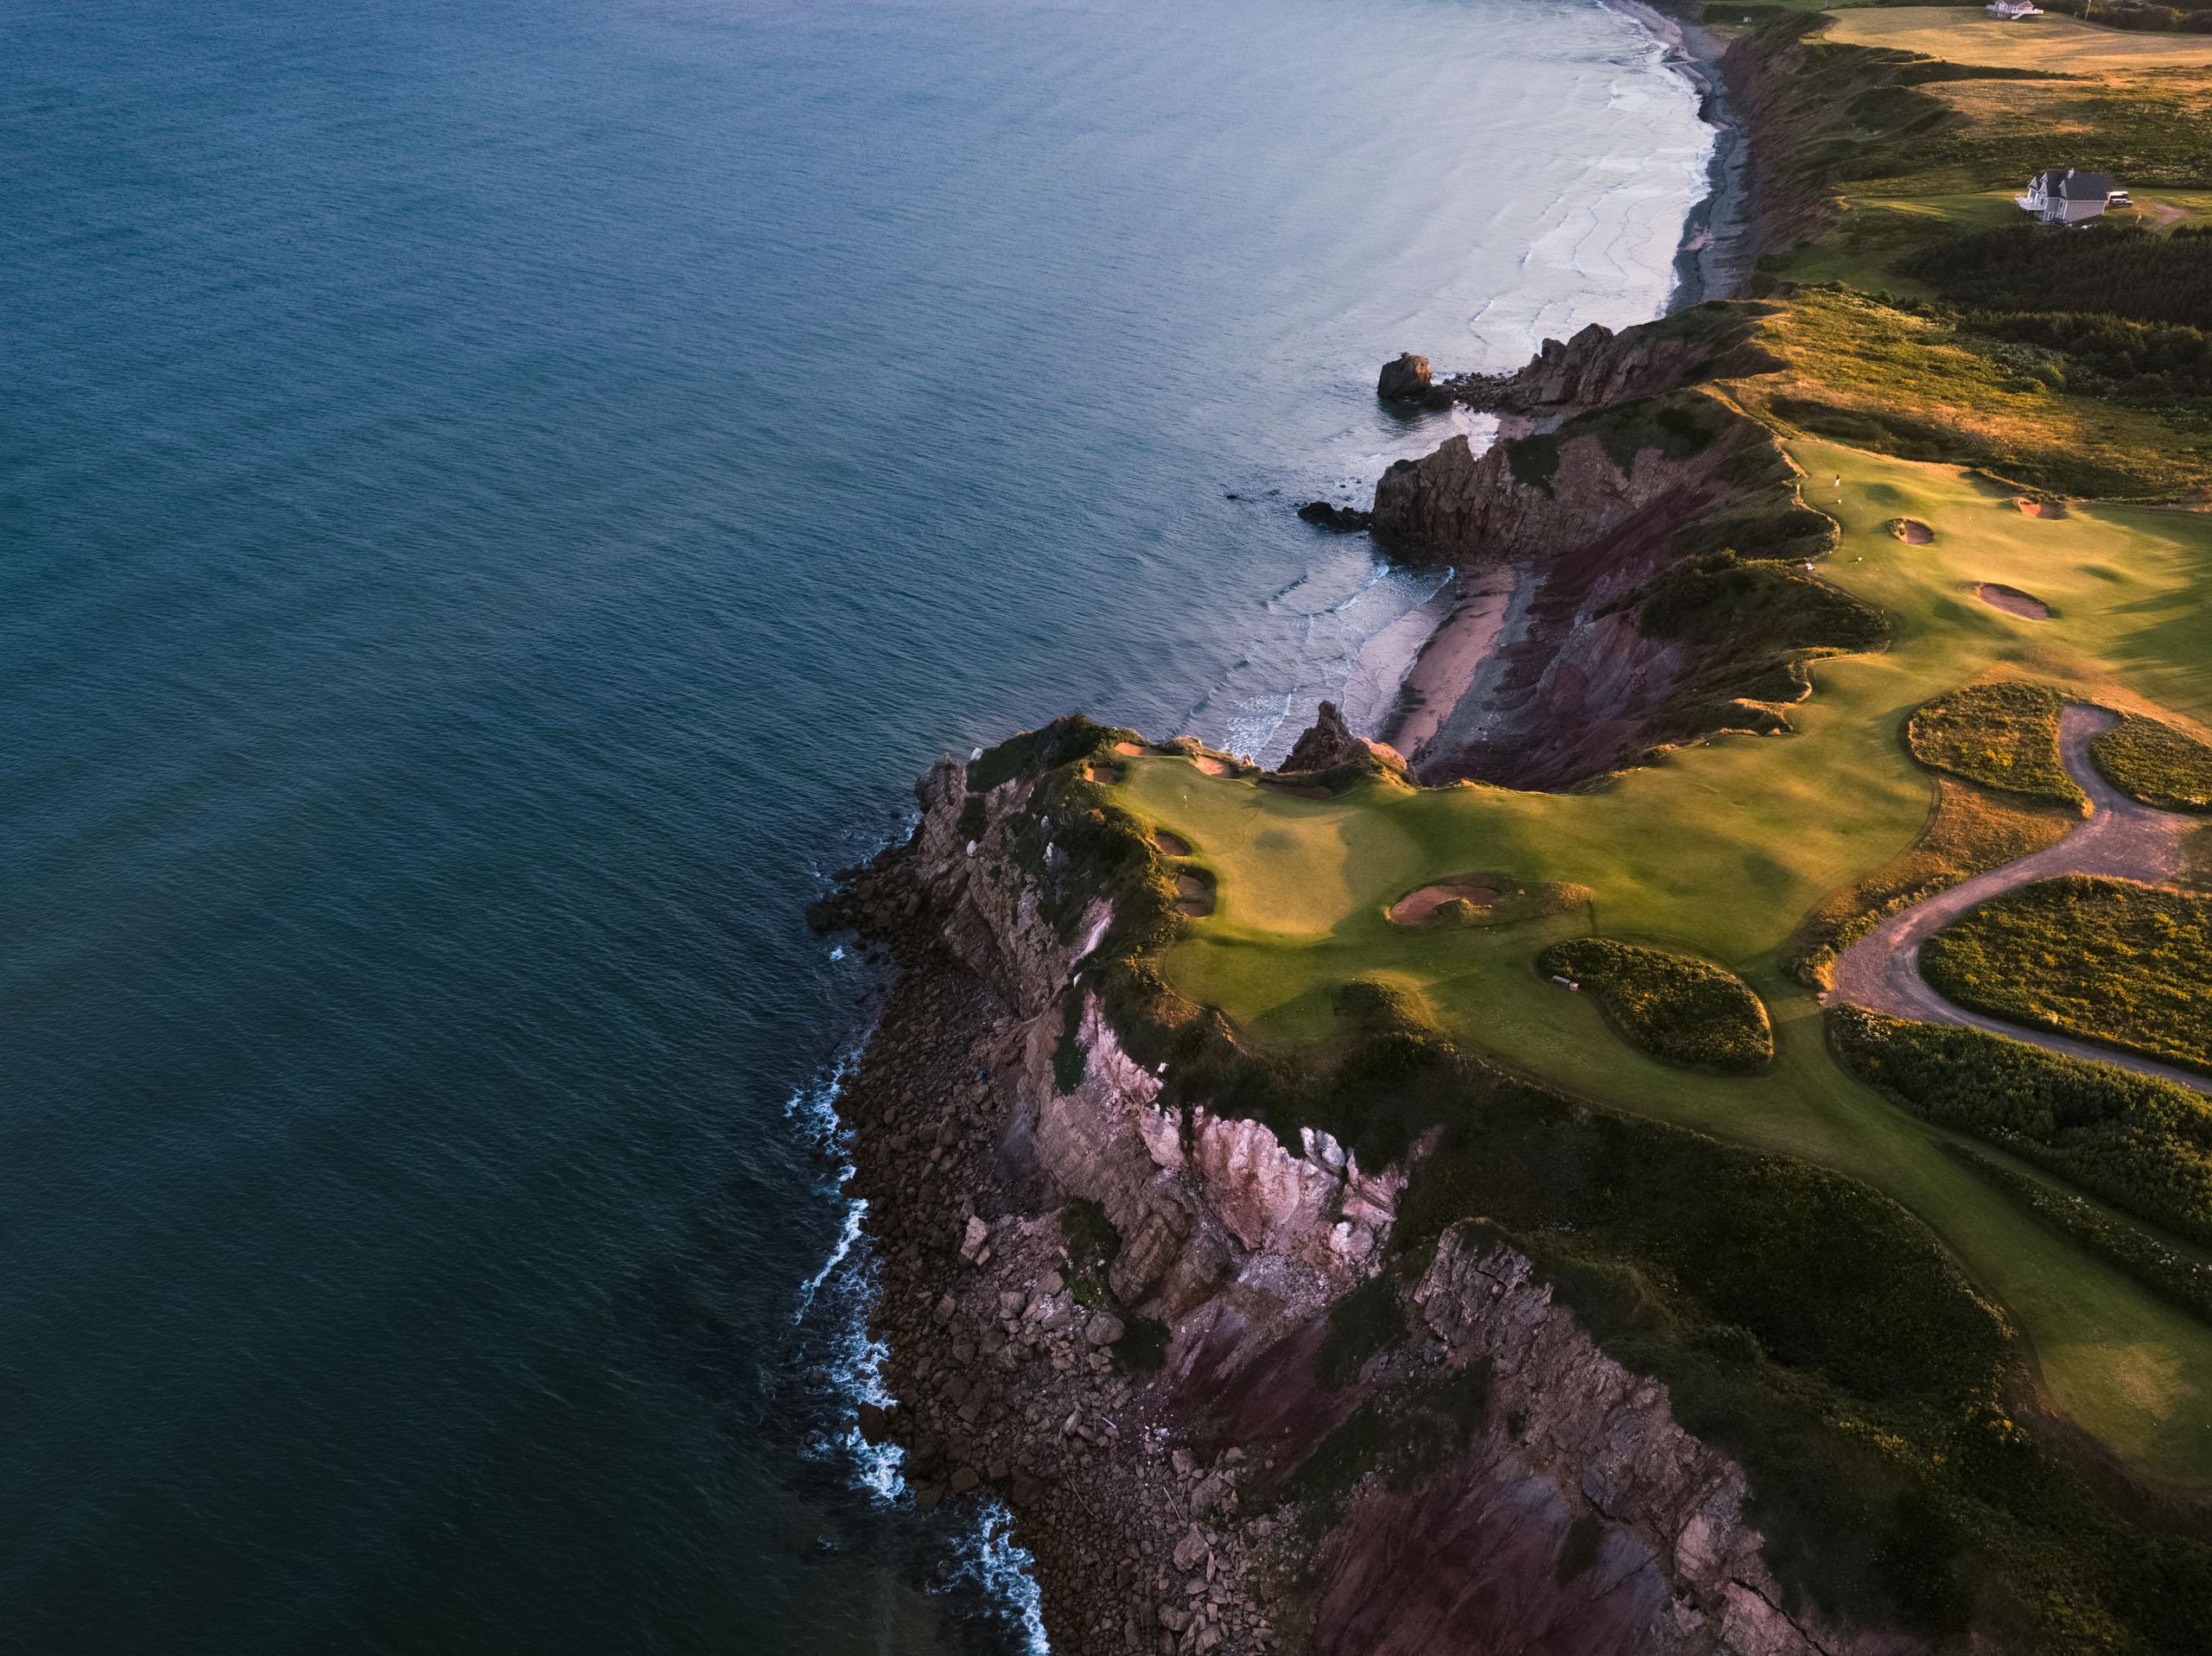 Cabot Cliffs, No. 16